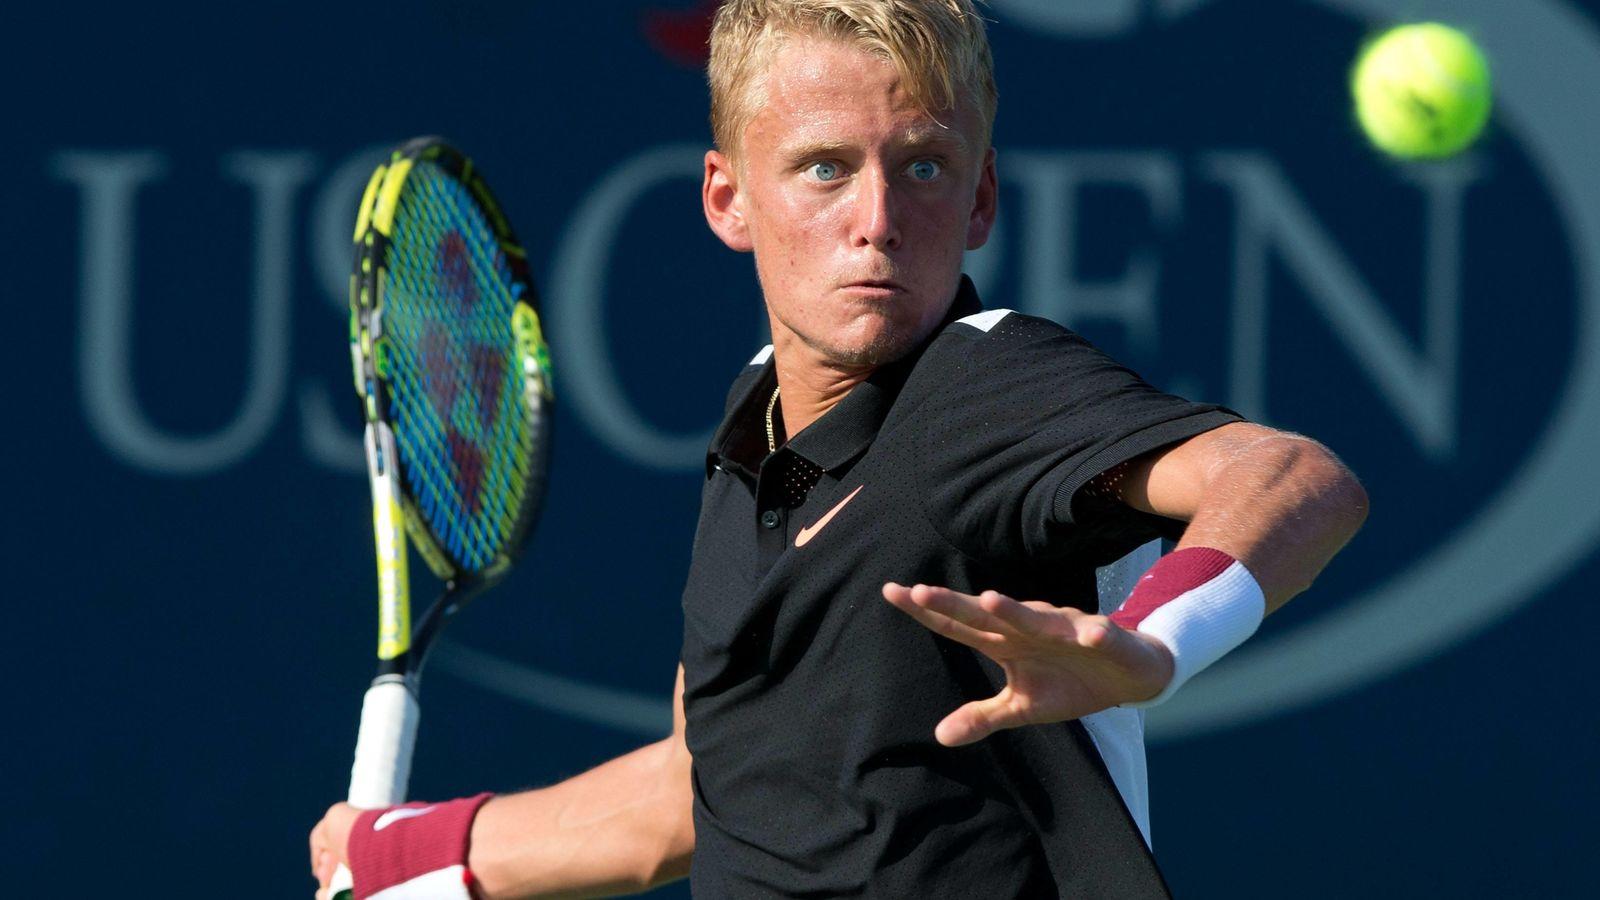 Foto: Nicola Kuhn, en acción durante un partido del US Open Junior (Imago)